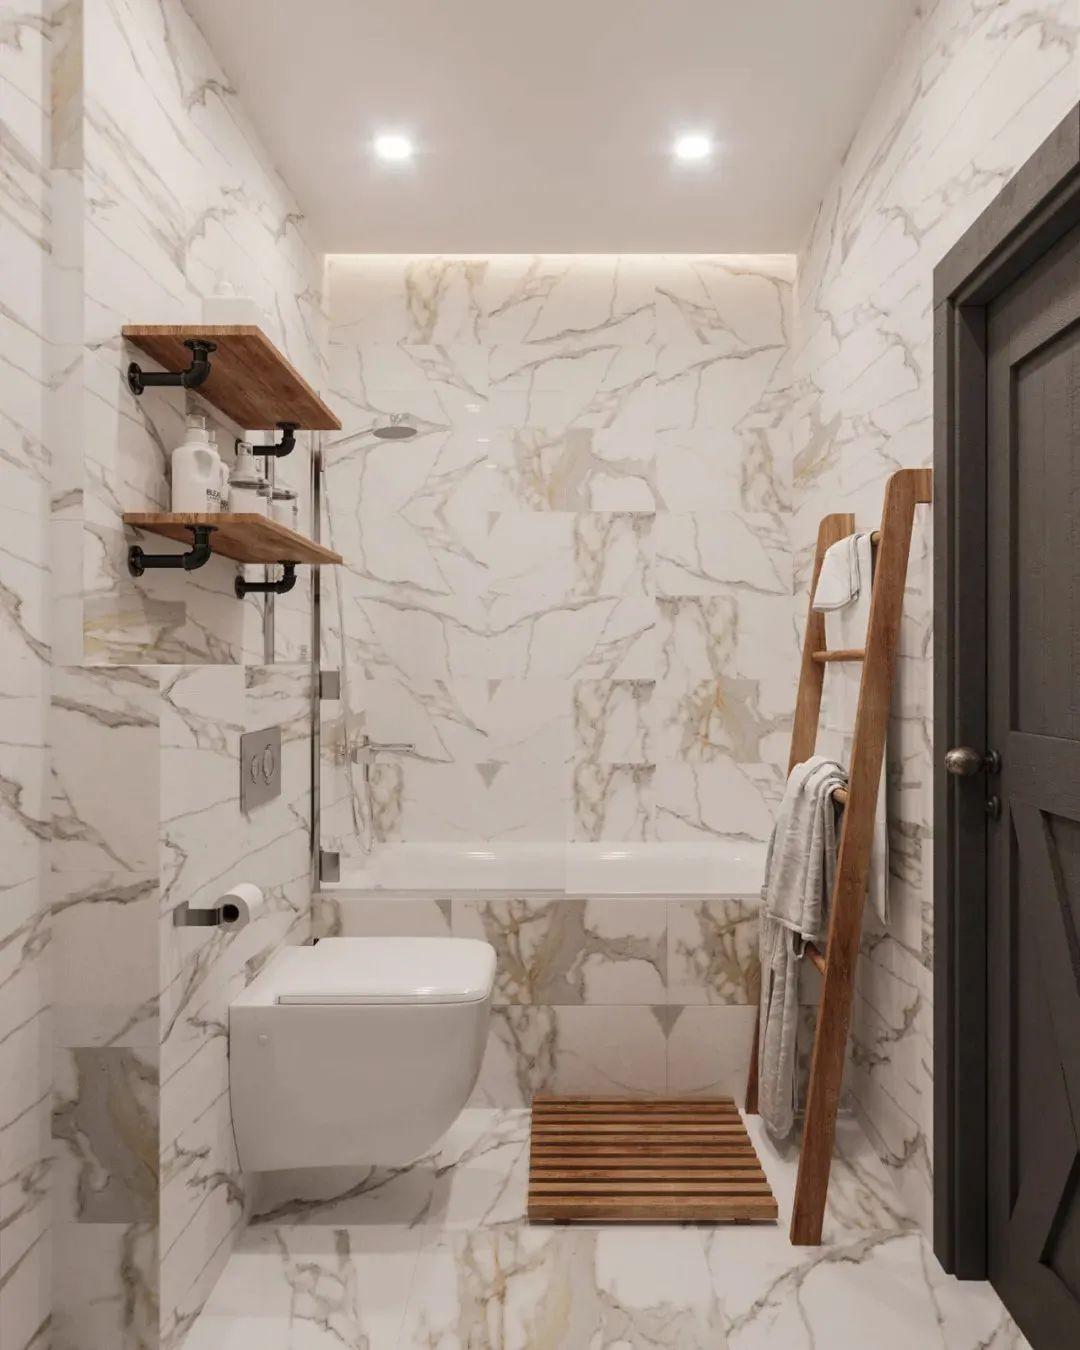 2021工业浴室设计图片 2021工业浴缸装修效果图大全